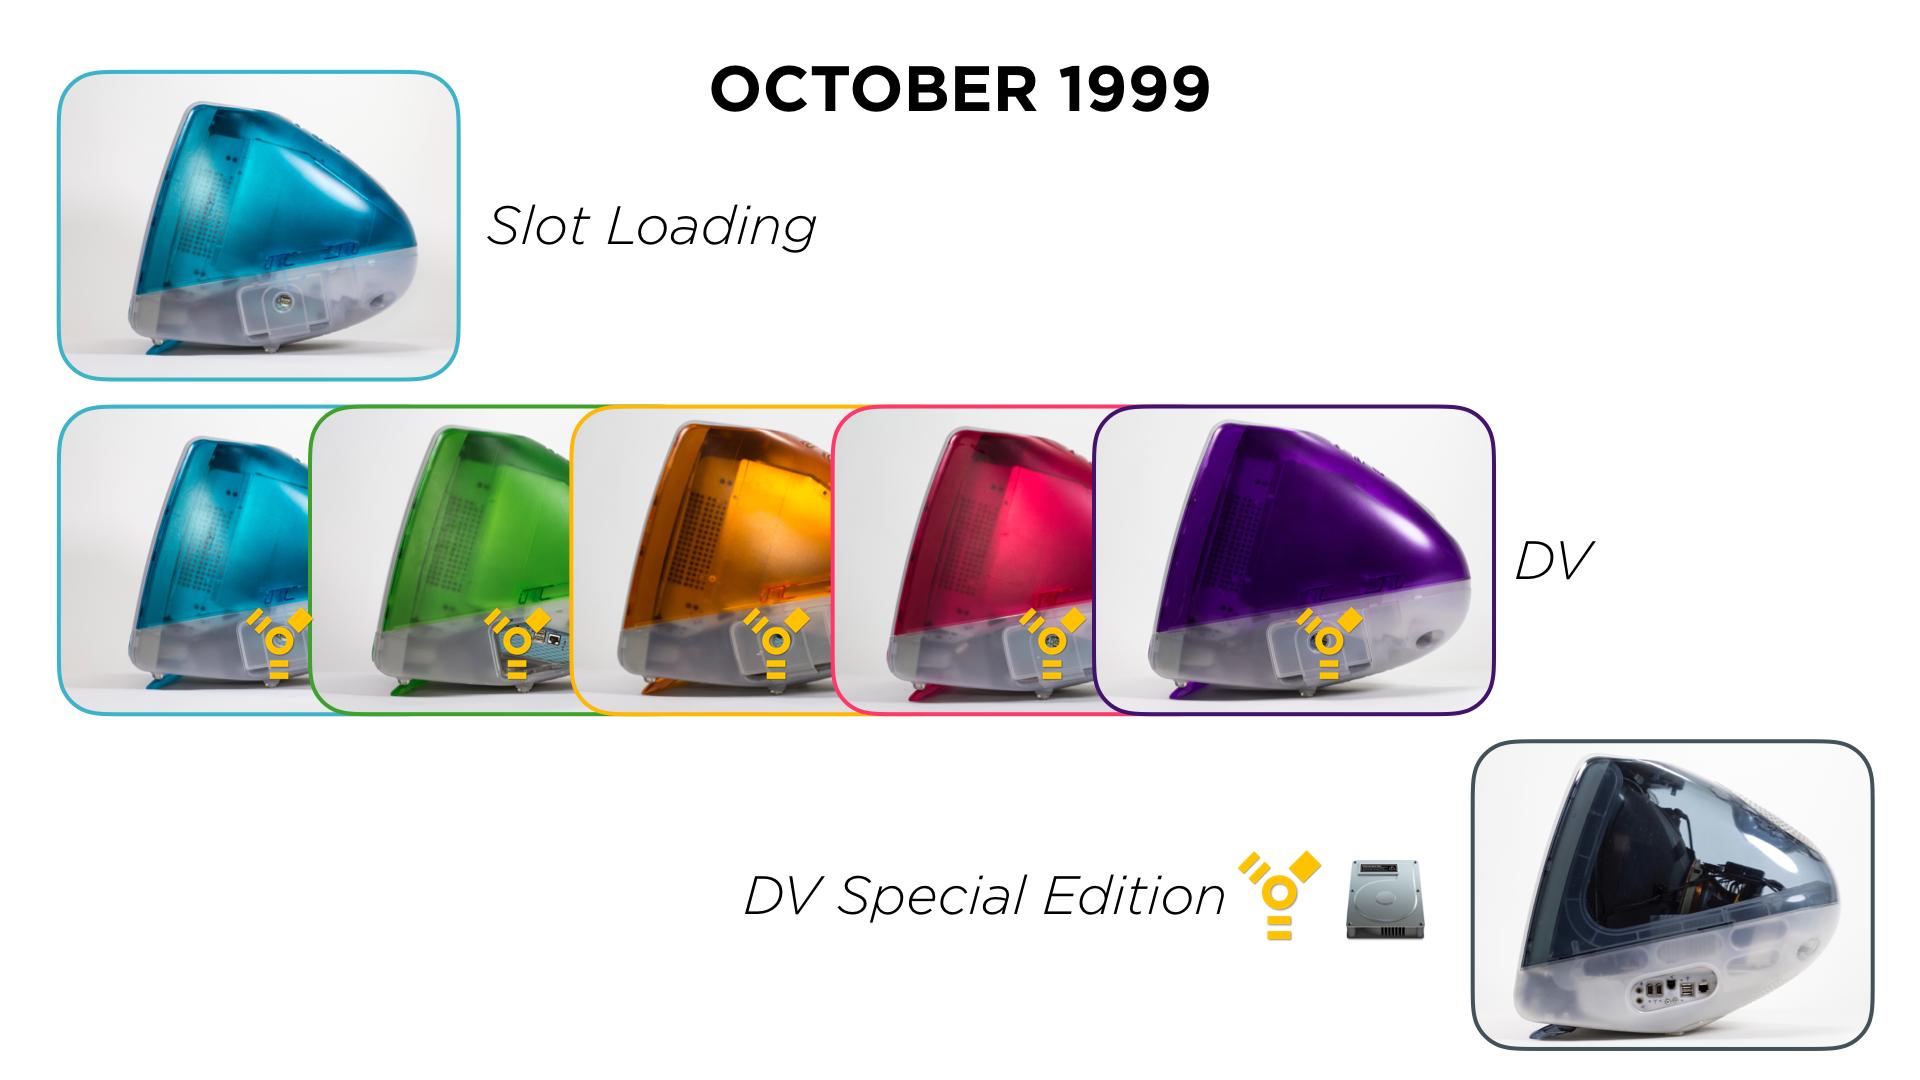 October 1999 iMac lineup